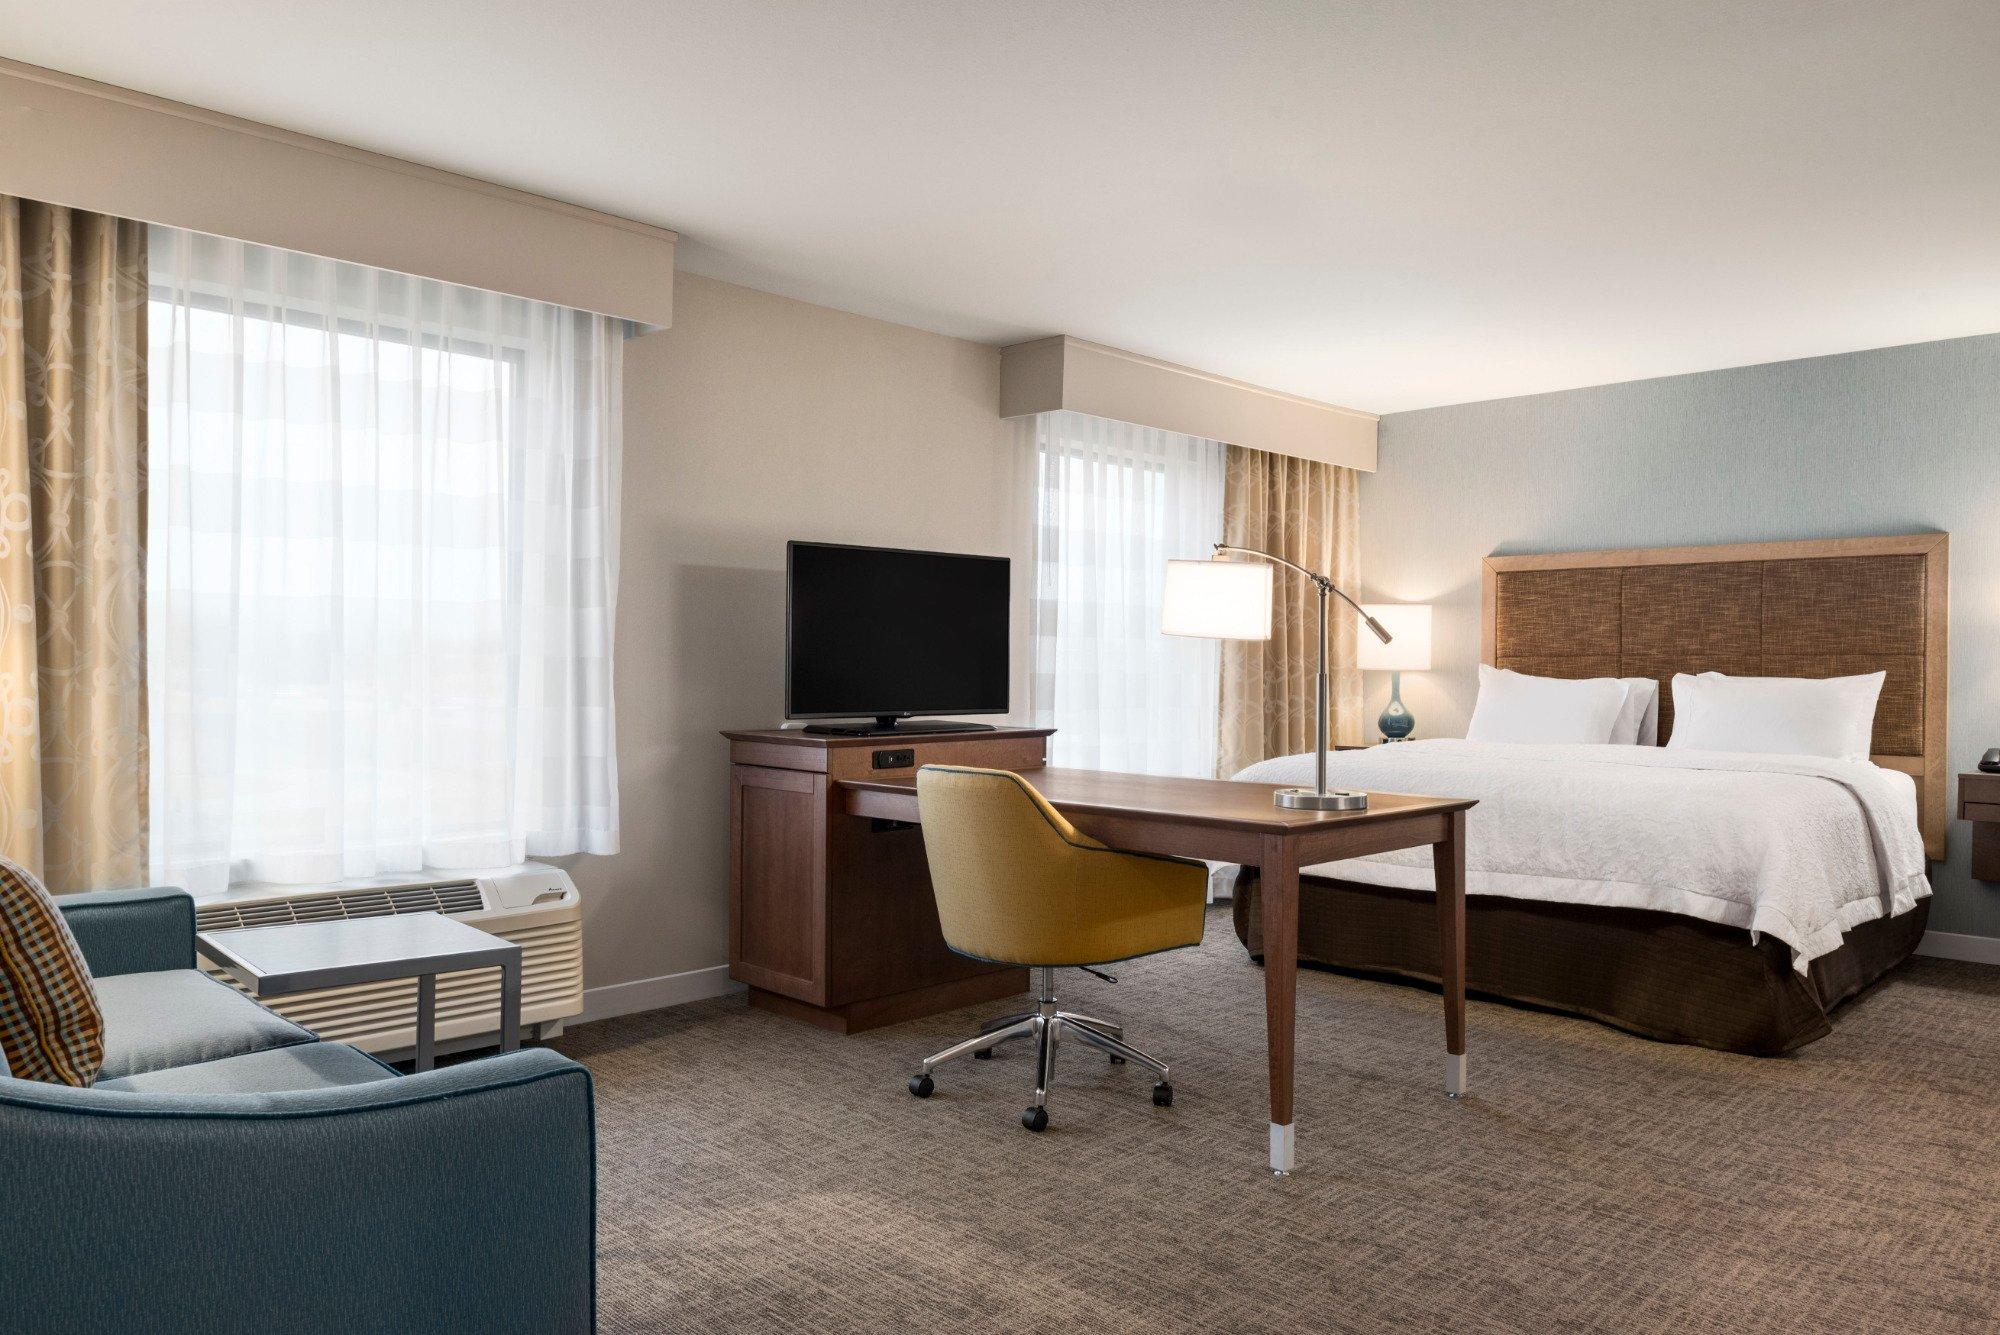 hampton inn lincoln airport ne 2018 hotel review ratings